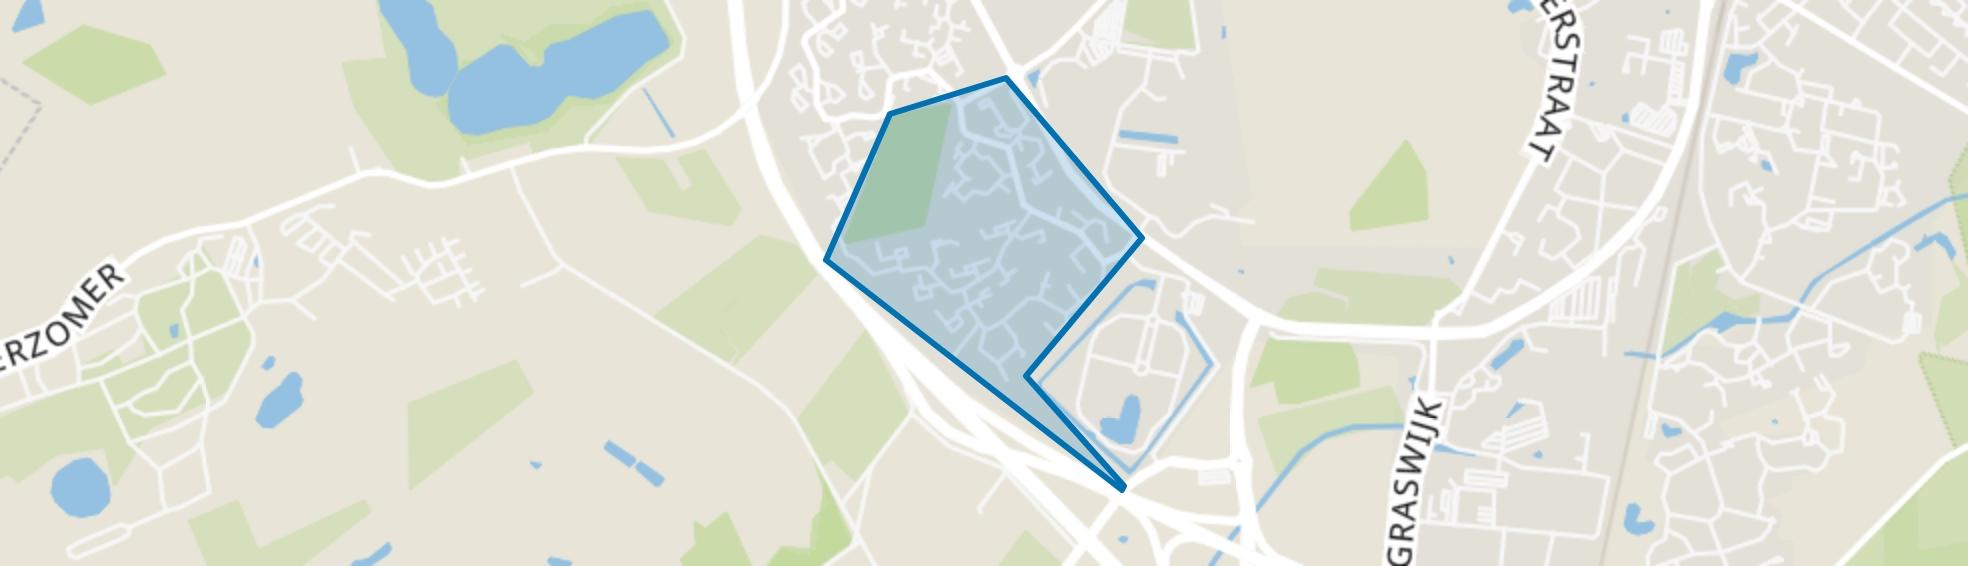 Baggelhuizen Zuid, Assen map